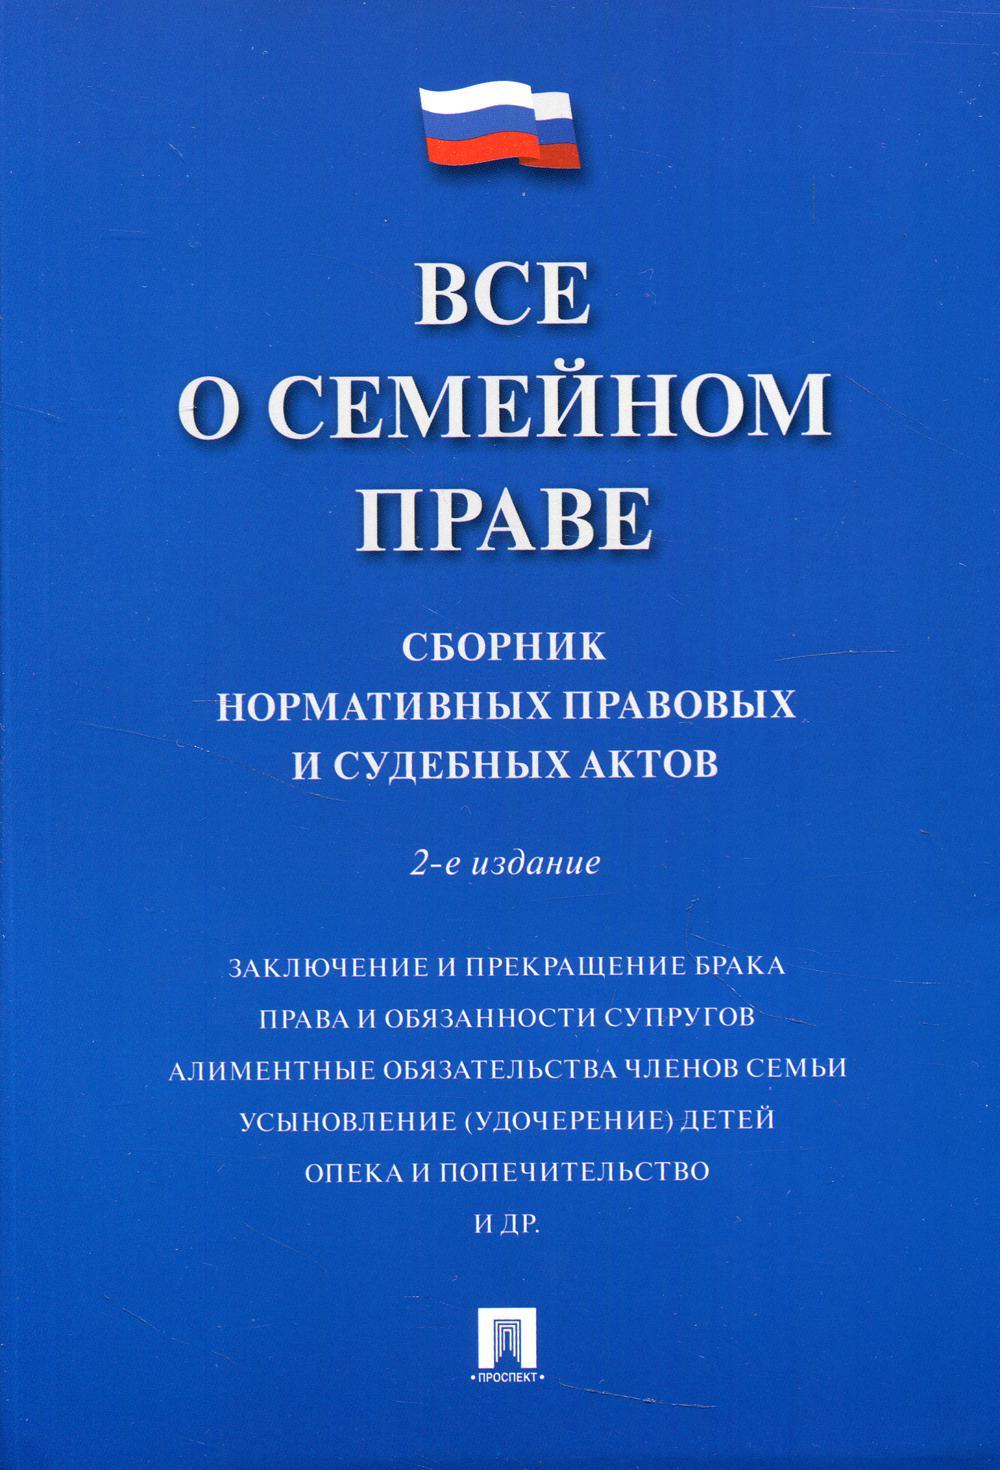 Все о семейном праве. Сборник нормативных правовых и судебных актов. 2-е изд., перераб. и доп